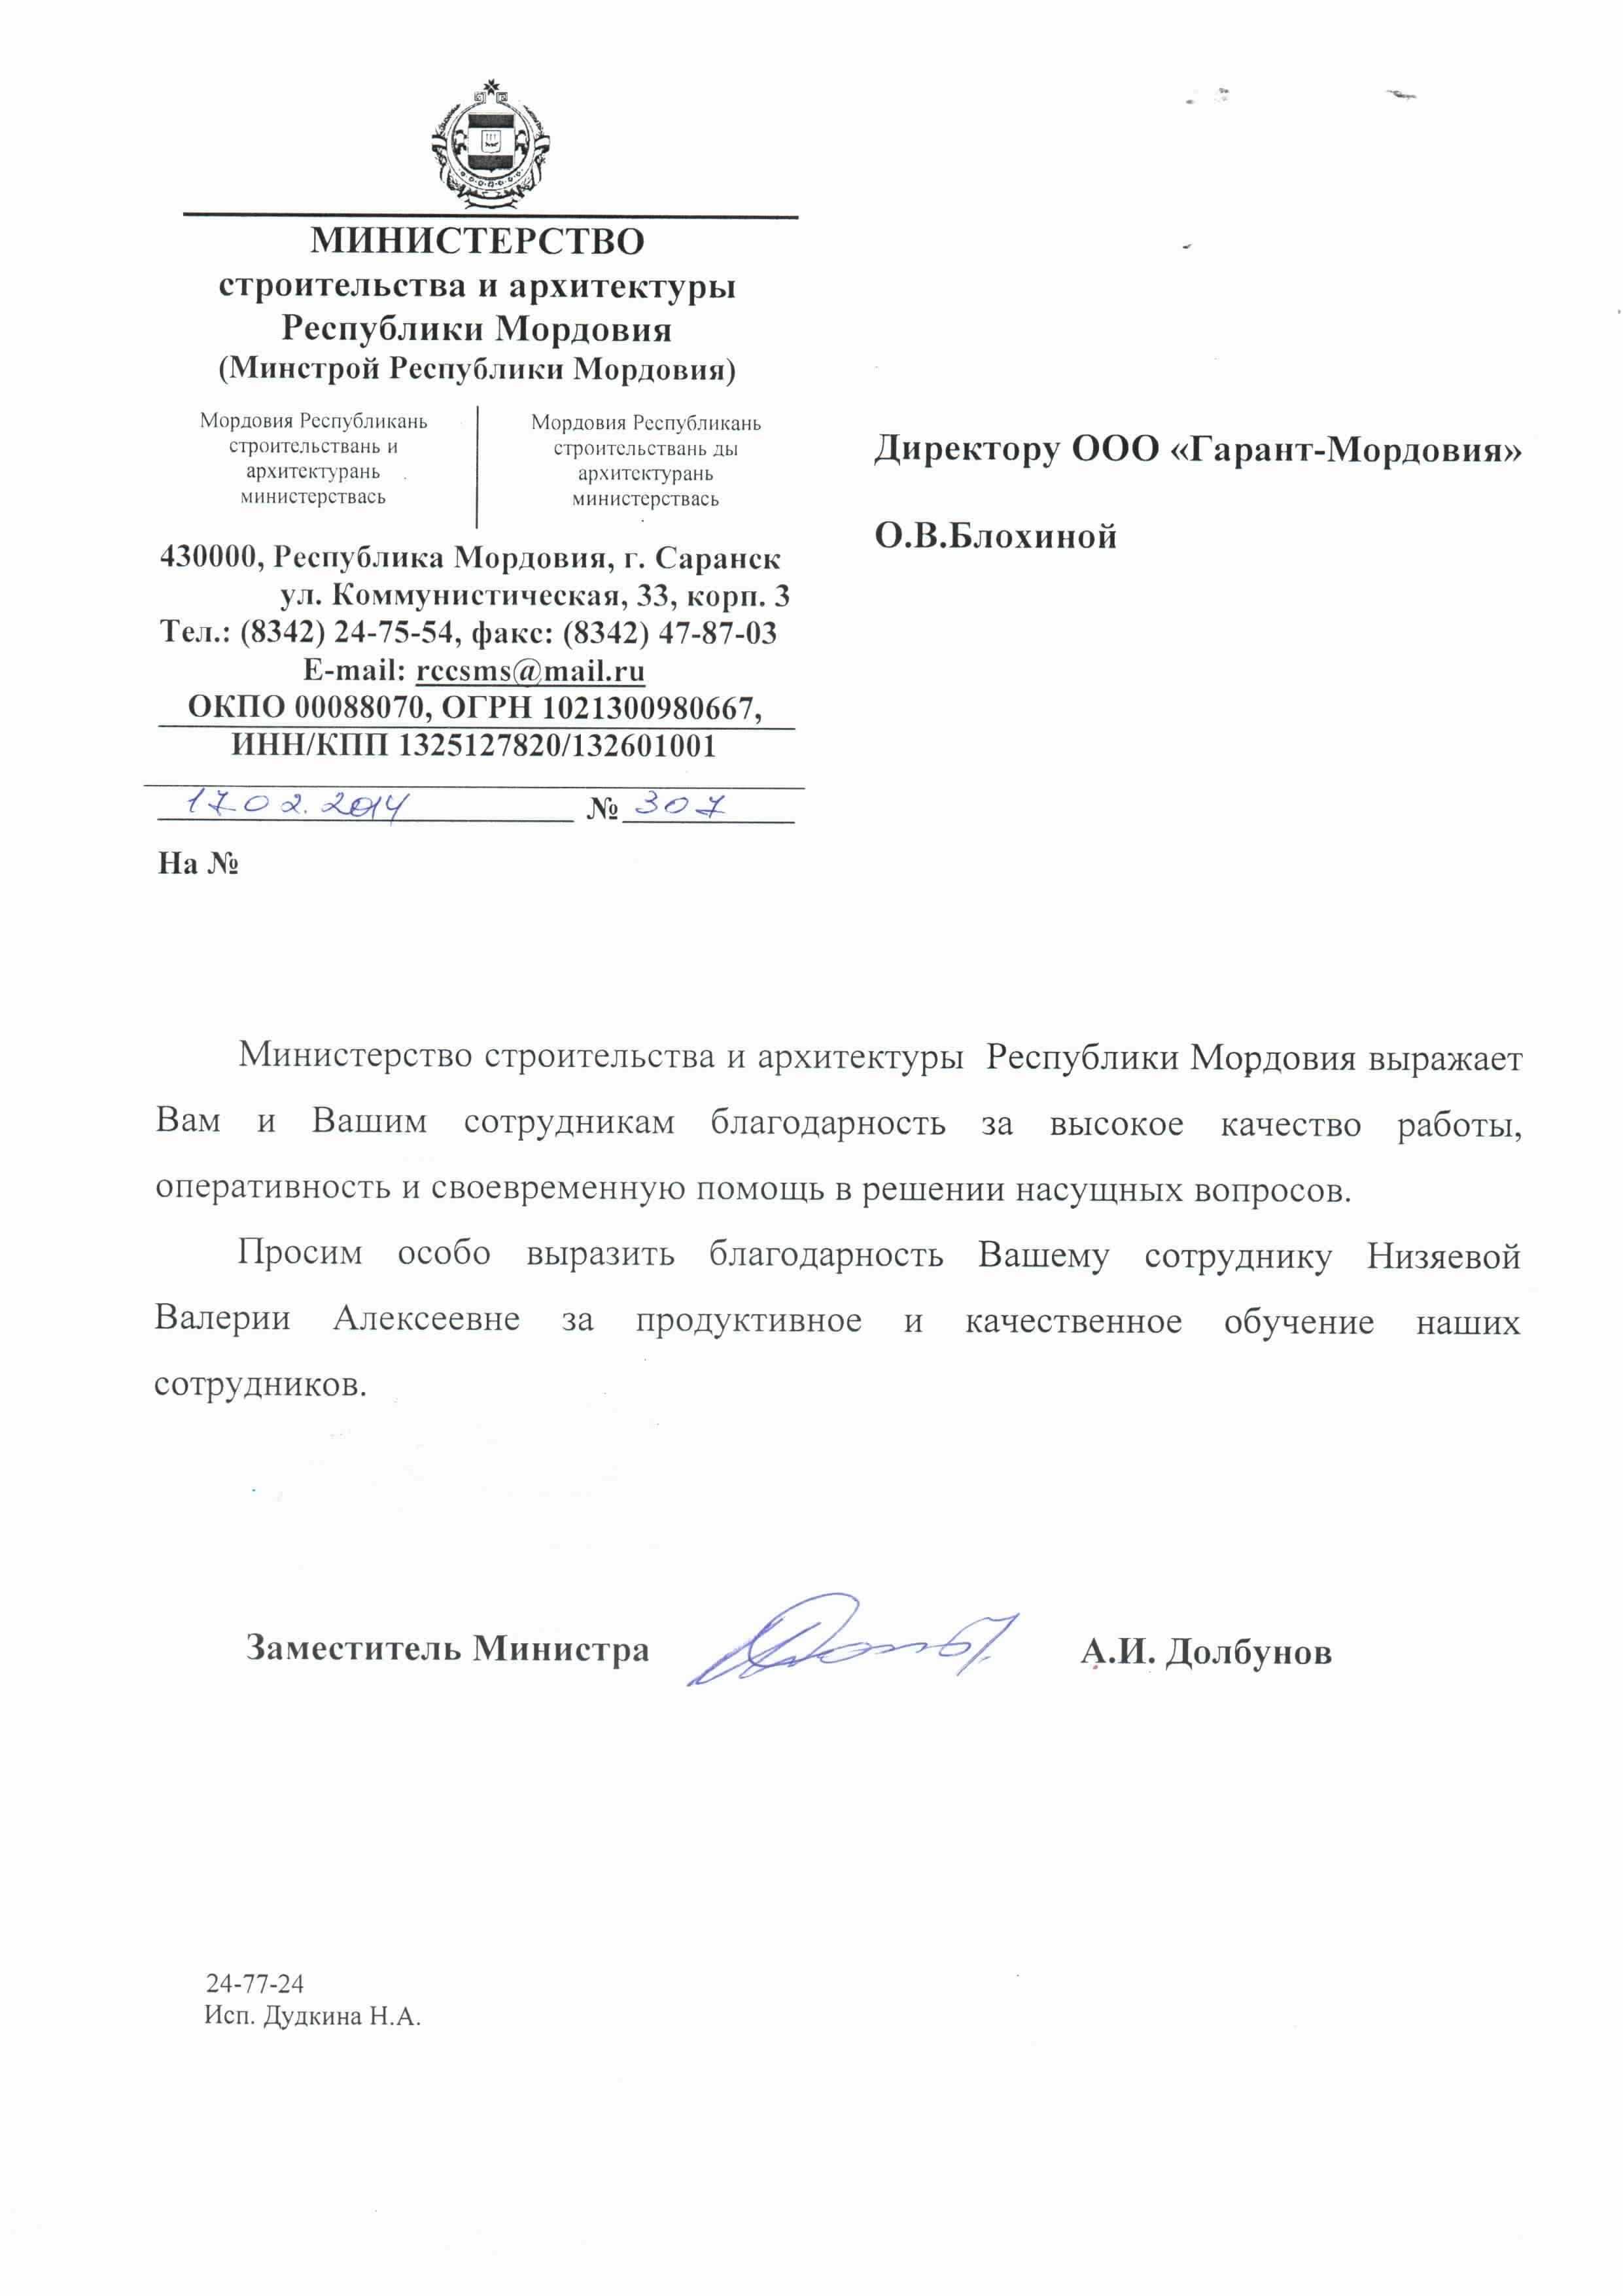 Мин.строительства_02.2014